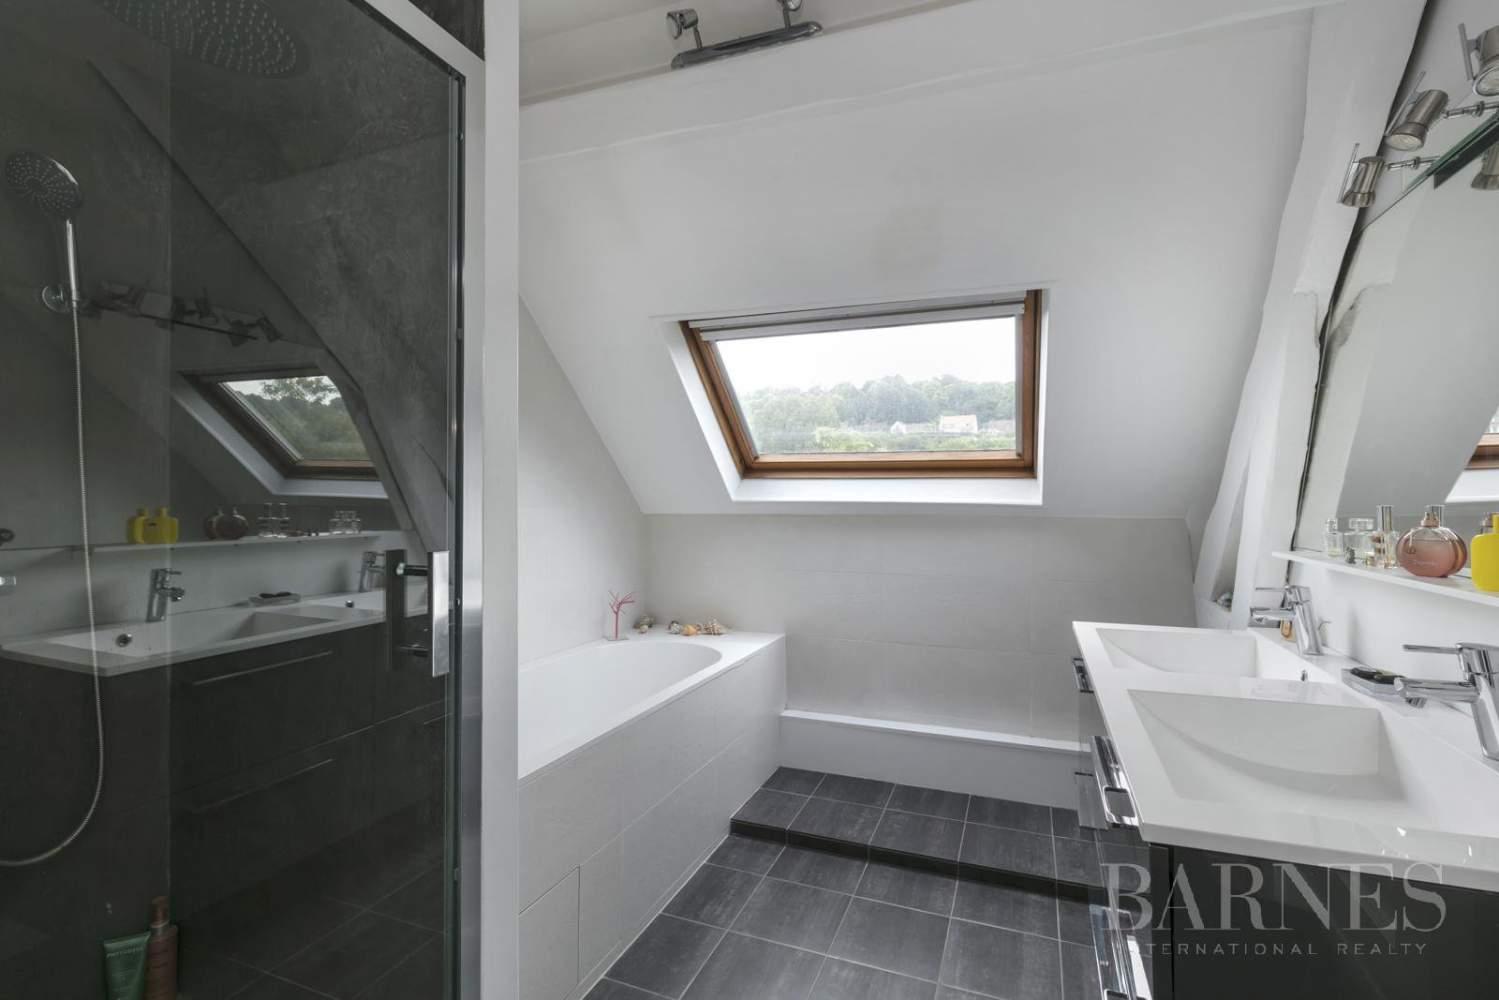 LA VARENNE SAINT-HILAIRE - Triangle d'Or - PROPRIETE  D'EXCEPTION 250 m²  EDIFIEE SUR 920 m² picture 15